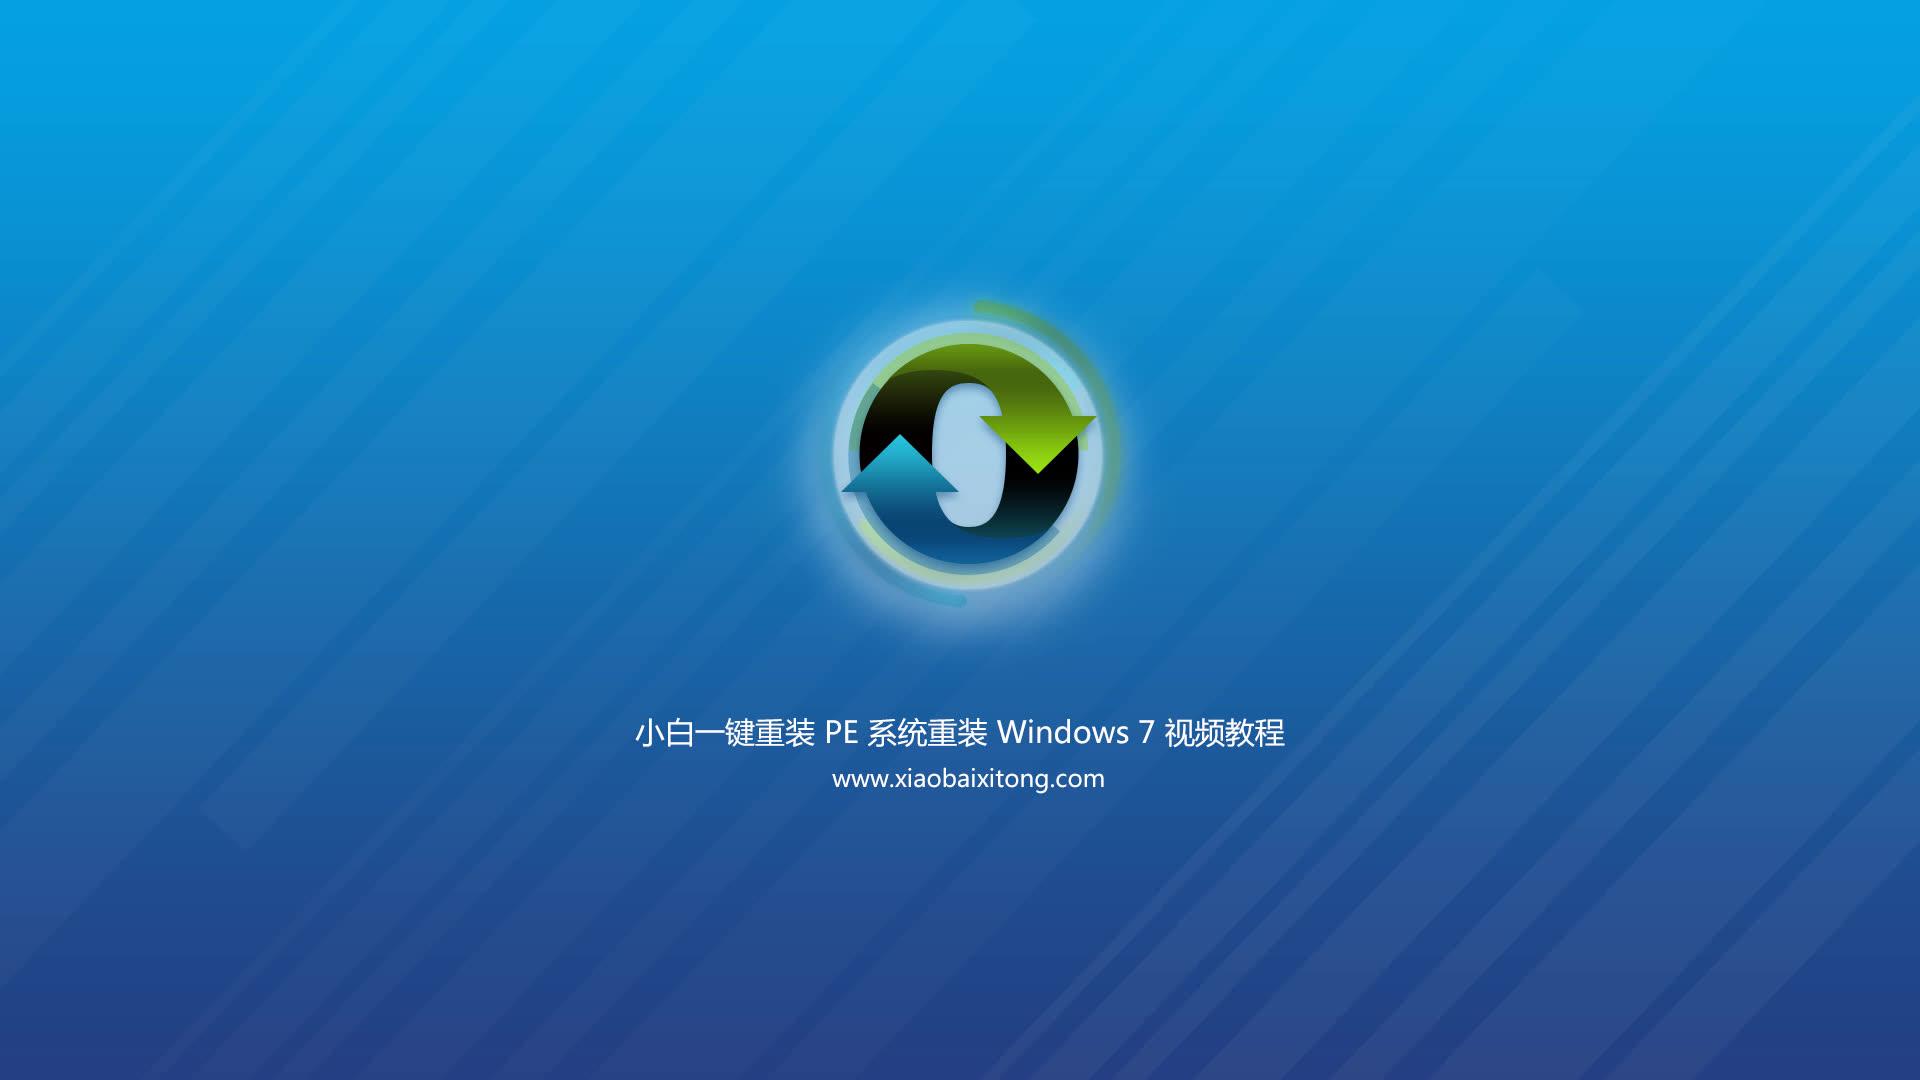 下载qq聊天软件_下载qq聊天软件最新版_qq聊天软件官方下载2014